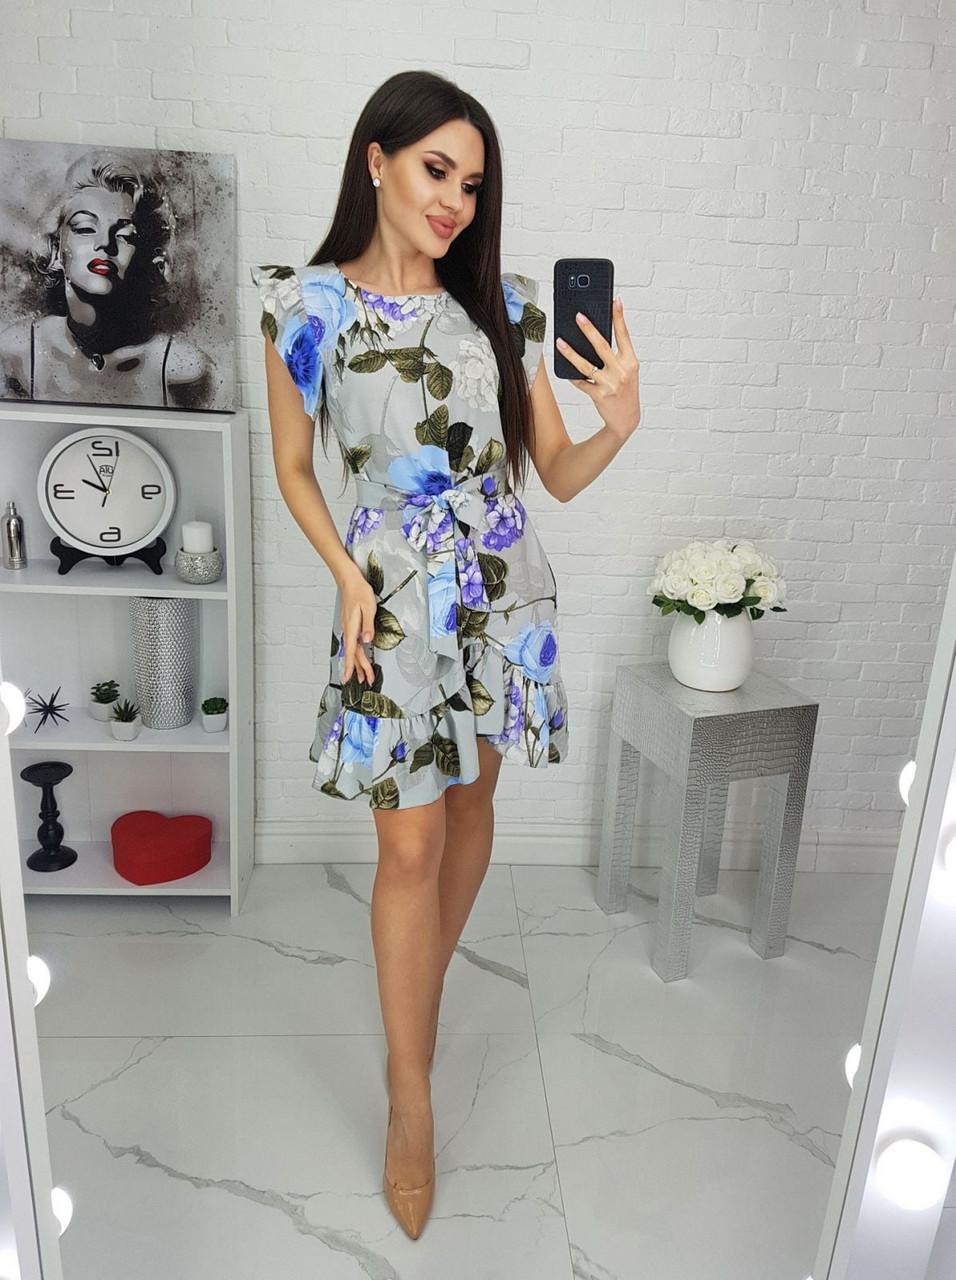 Жіноче плаття з легкої асиметрією на спідниці плюс волан, 00694 (Голубий), Розмір 46 (L)